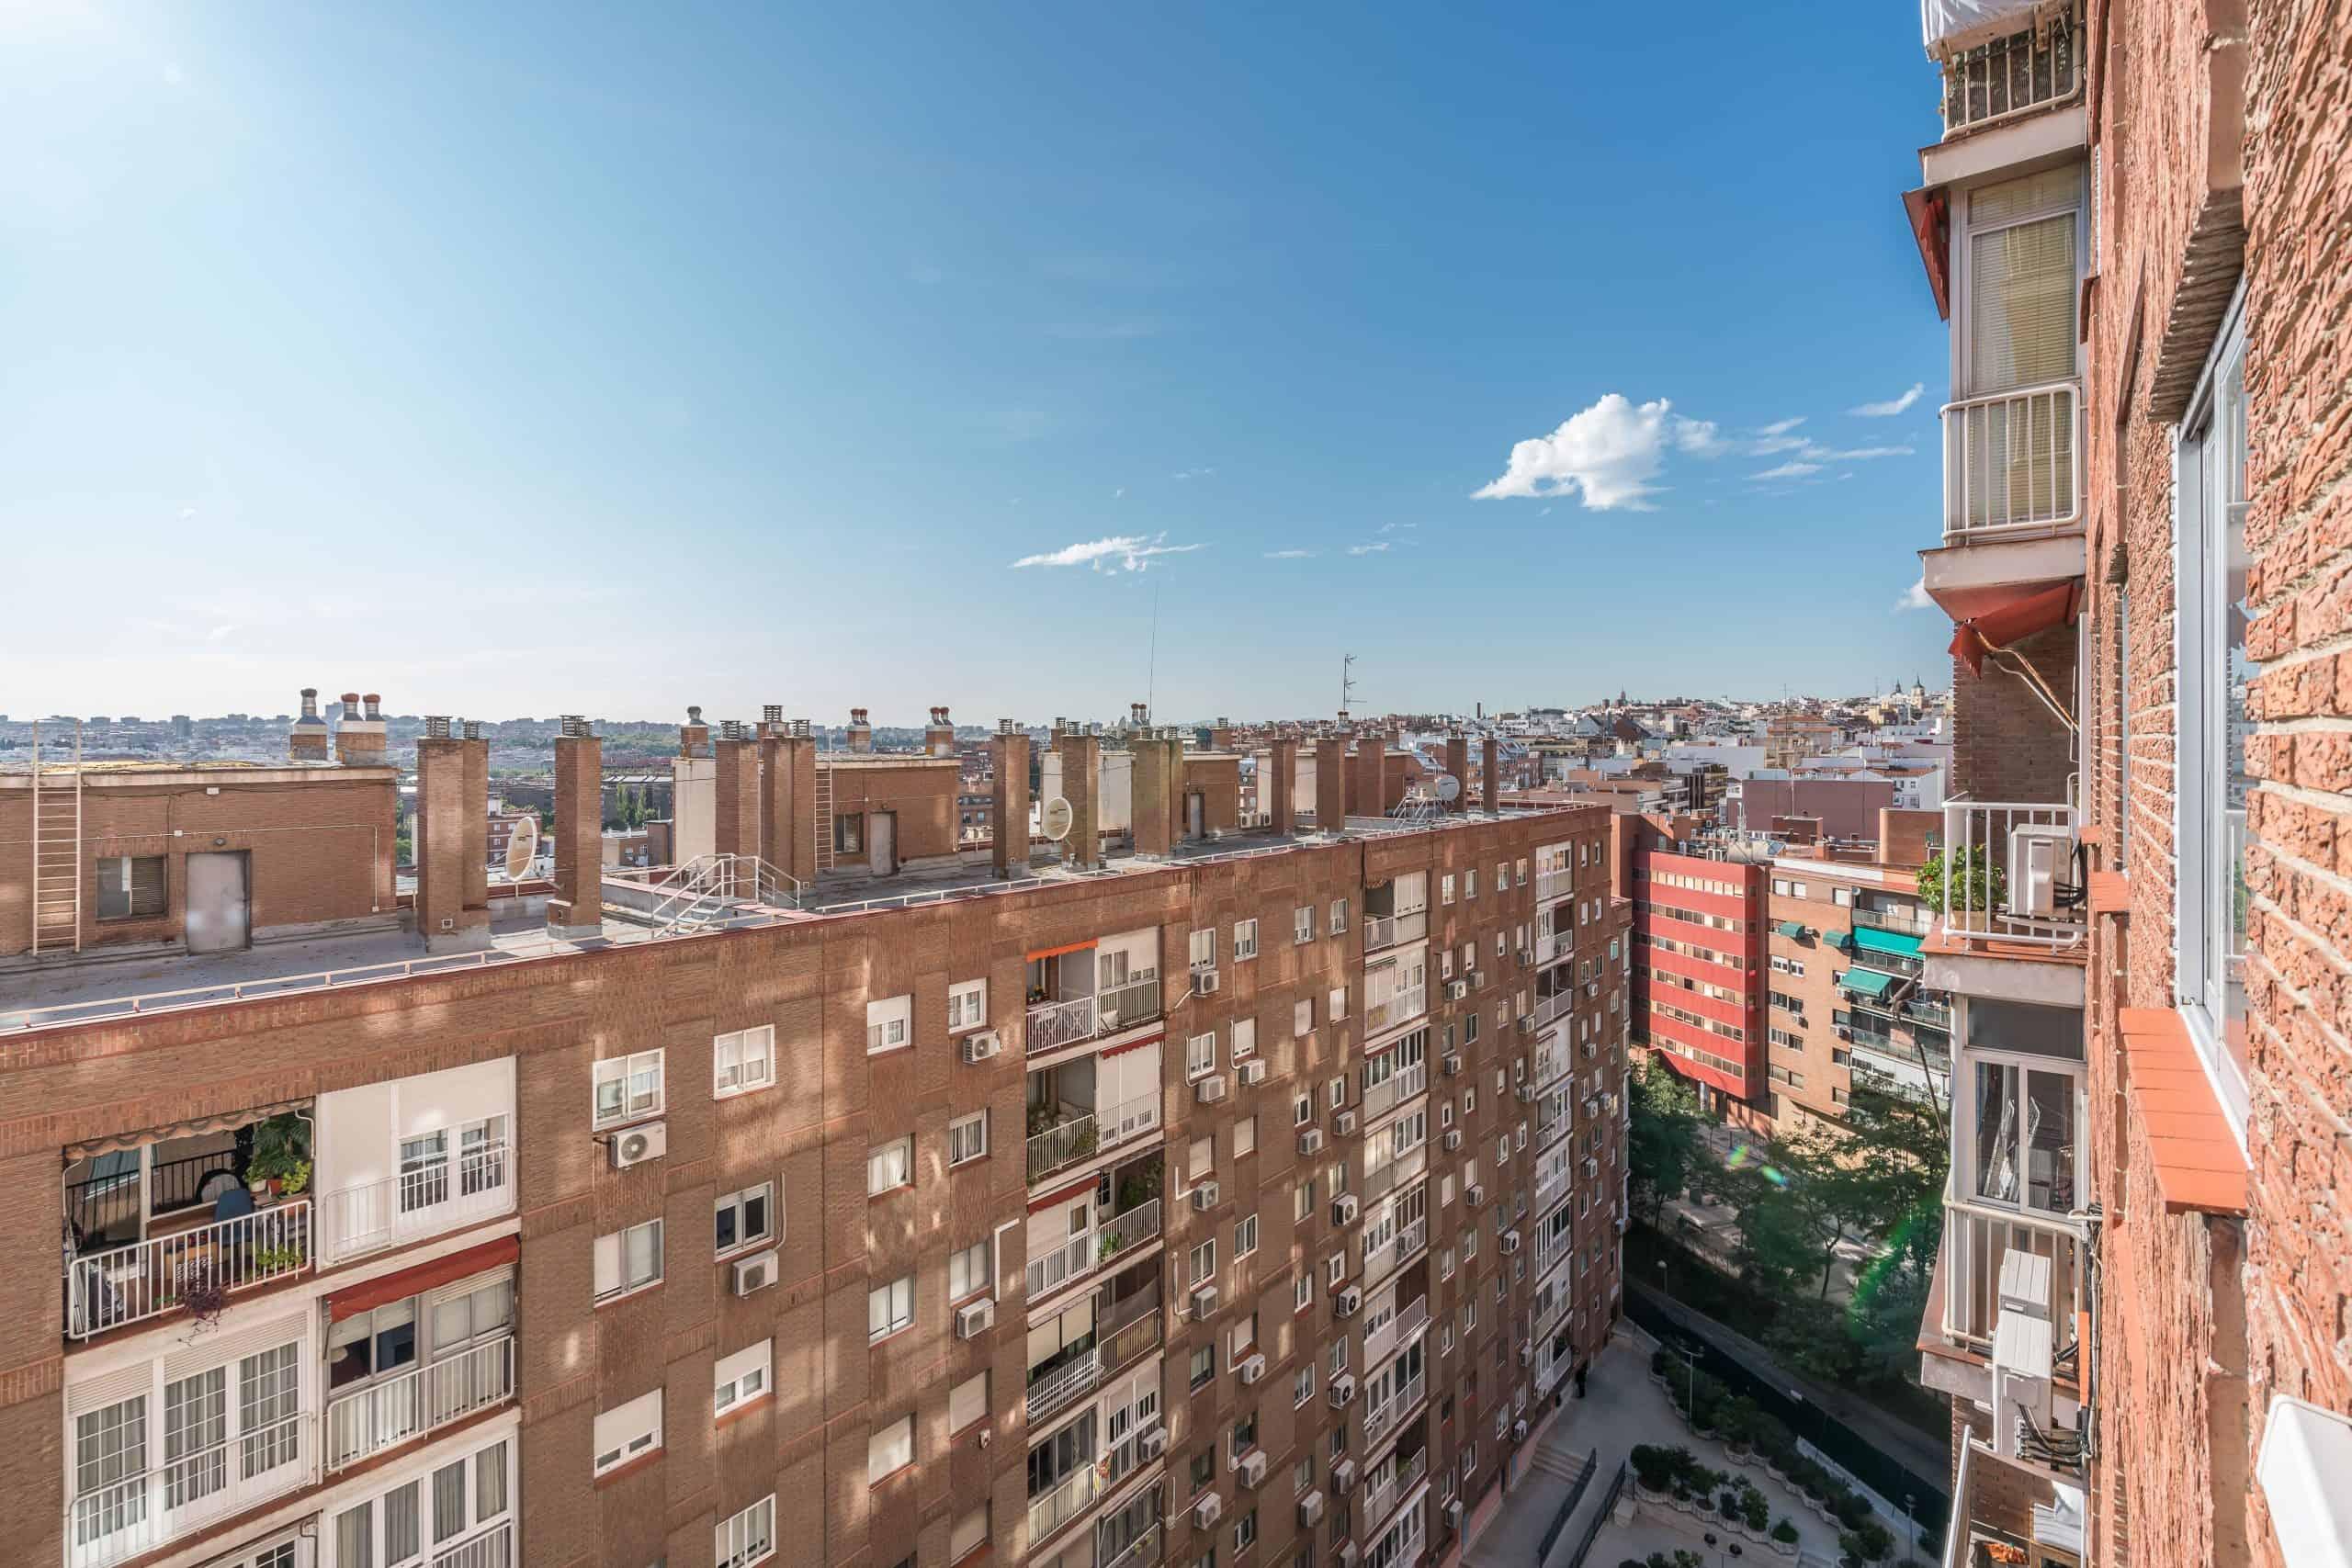 Agencia Inmobiliaria de Madrid-FUTUROCASA-Zona ARGANZUELA-EMBAJADORES-LEGAZPI -calle Santa María de la Cabeza9 VISTAS (1)